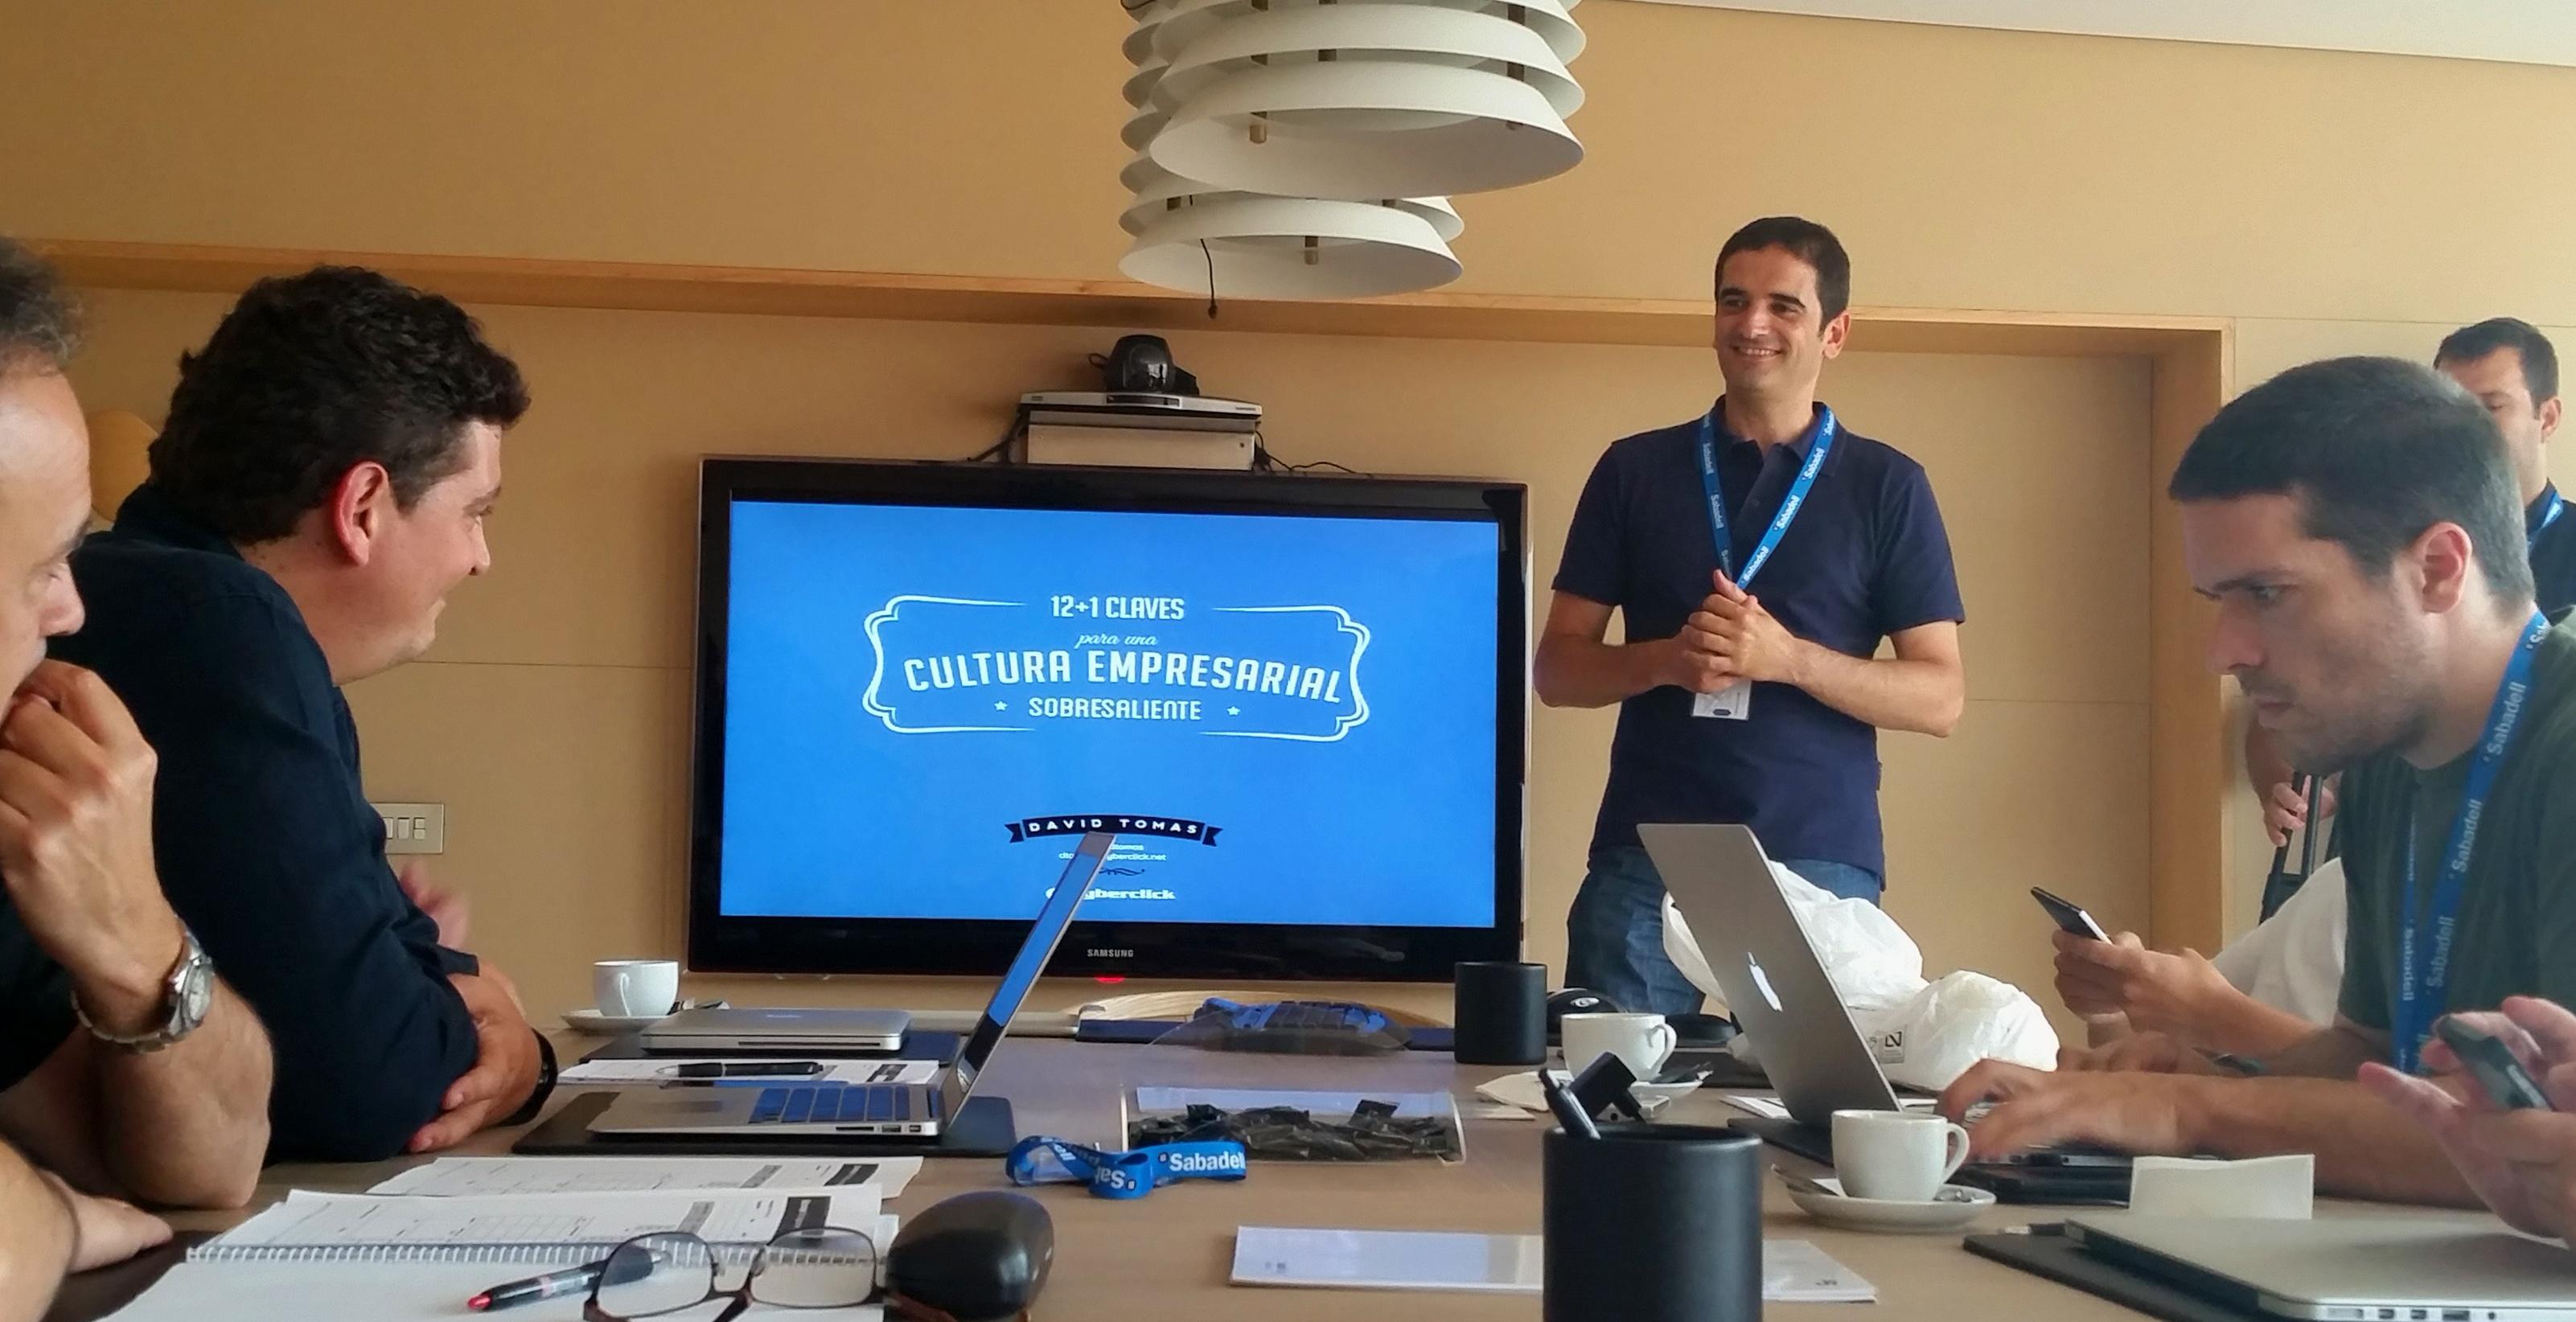 Cultura_Empresarial_y_Equipo_A_-_David_Tomas_en_Bstartup_4